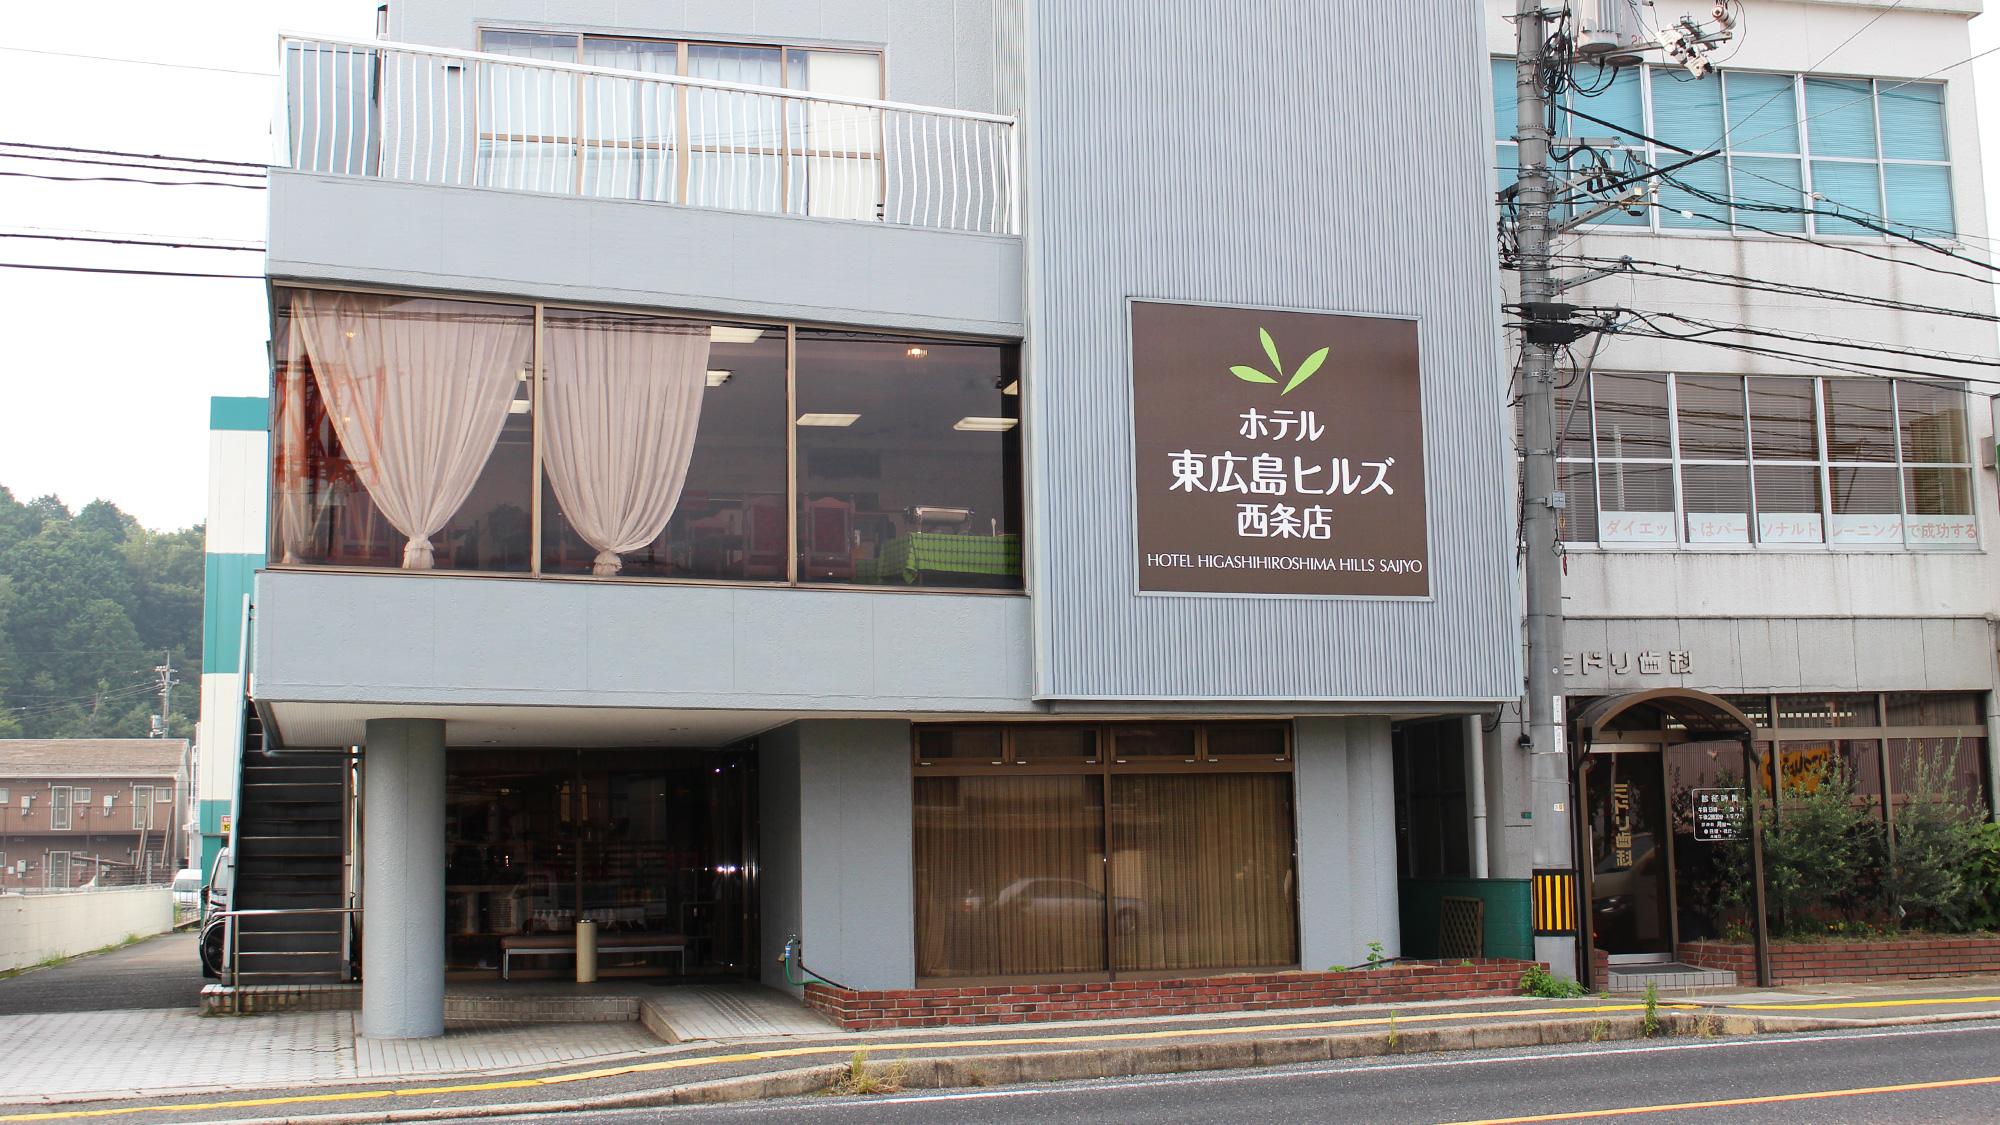 ホテル東広島ヒルズ 西条店◆楽天トラベル